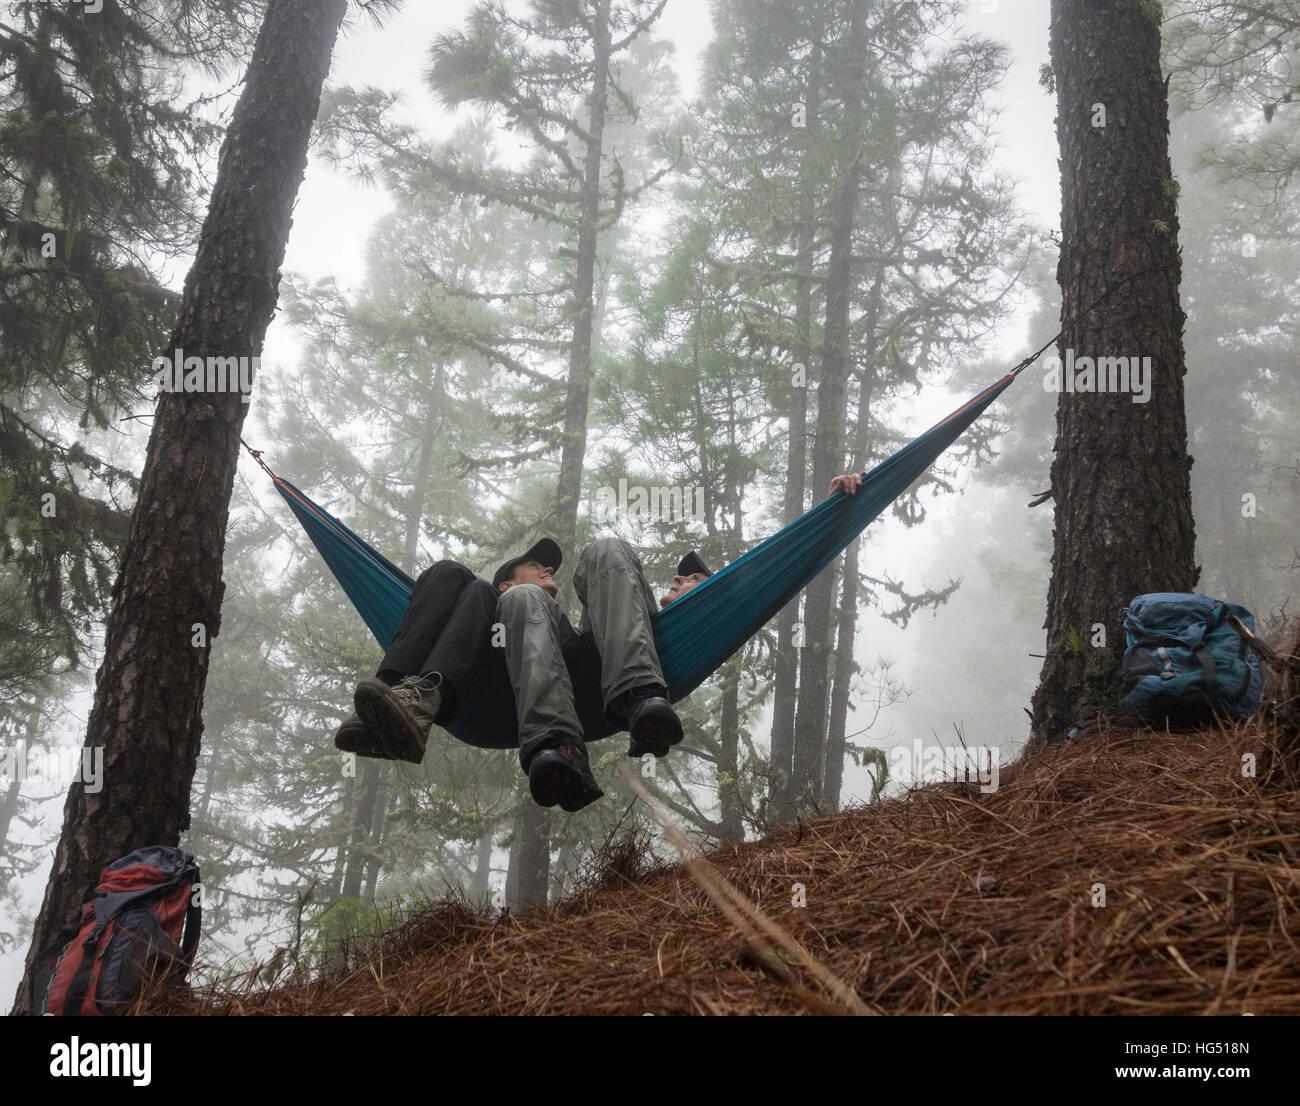 Pareja senderismo, relajarse en una hamaca en el brumoso bosque de pinos. Imagen De Stock